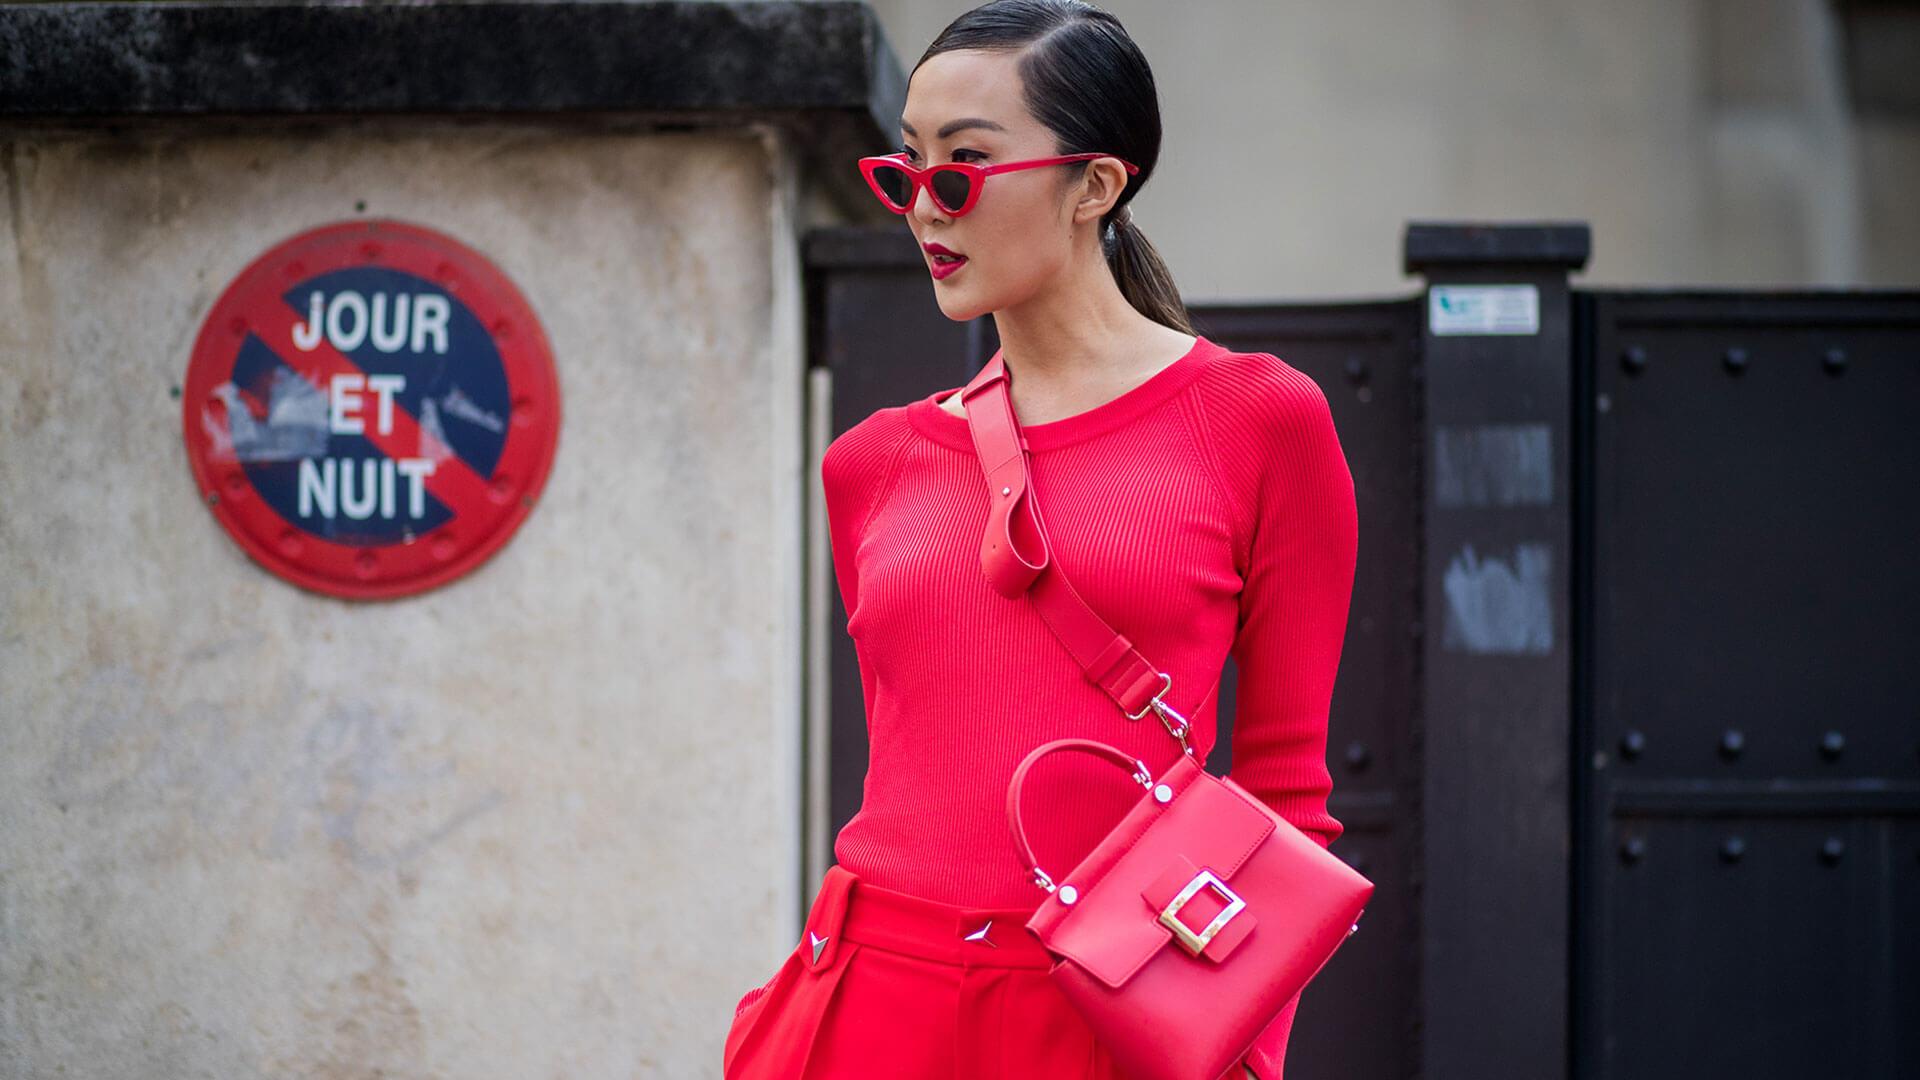 Dlaczego czerwona torebka?